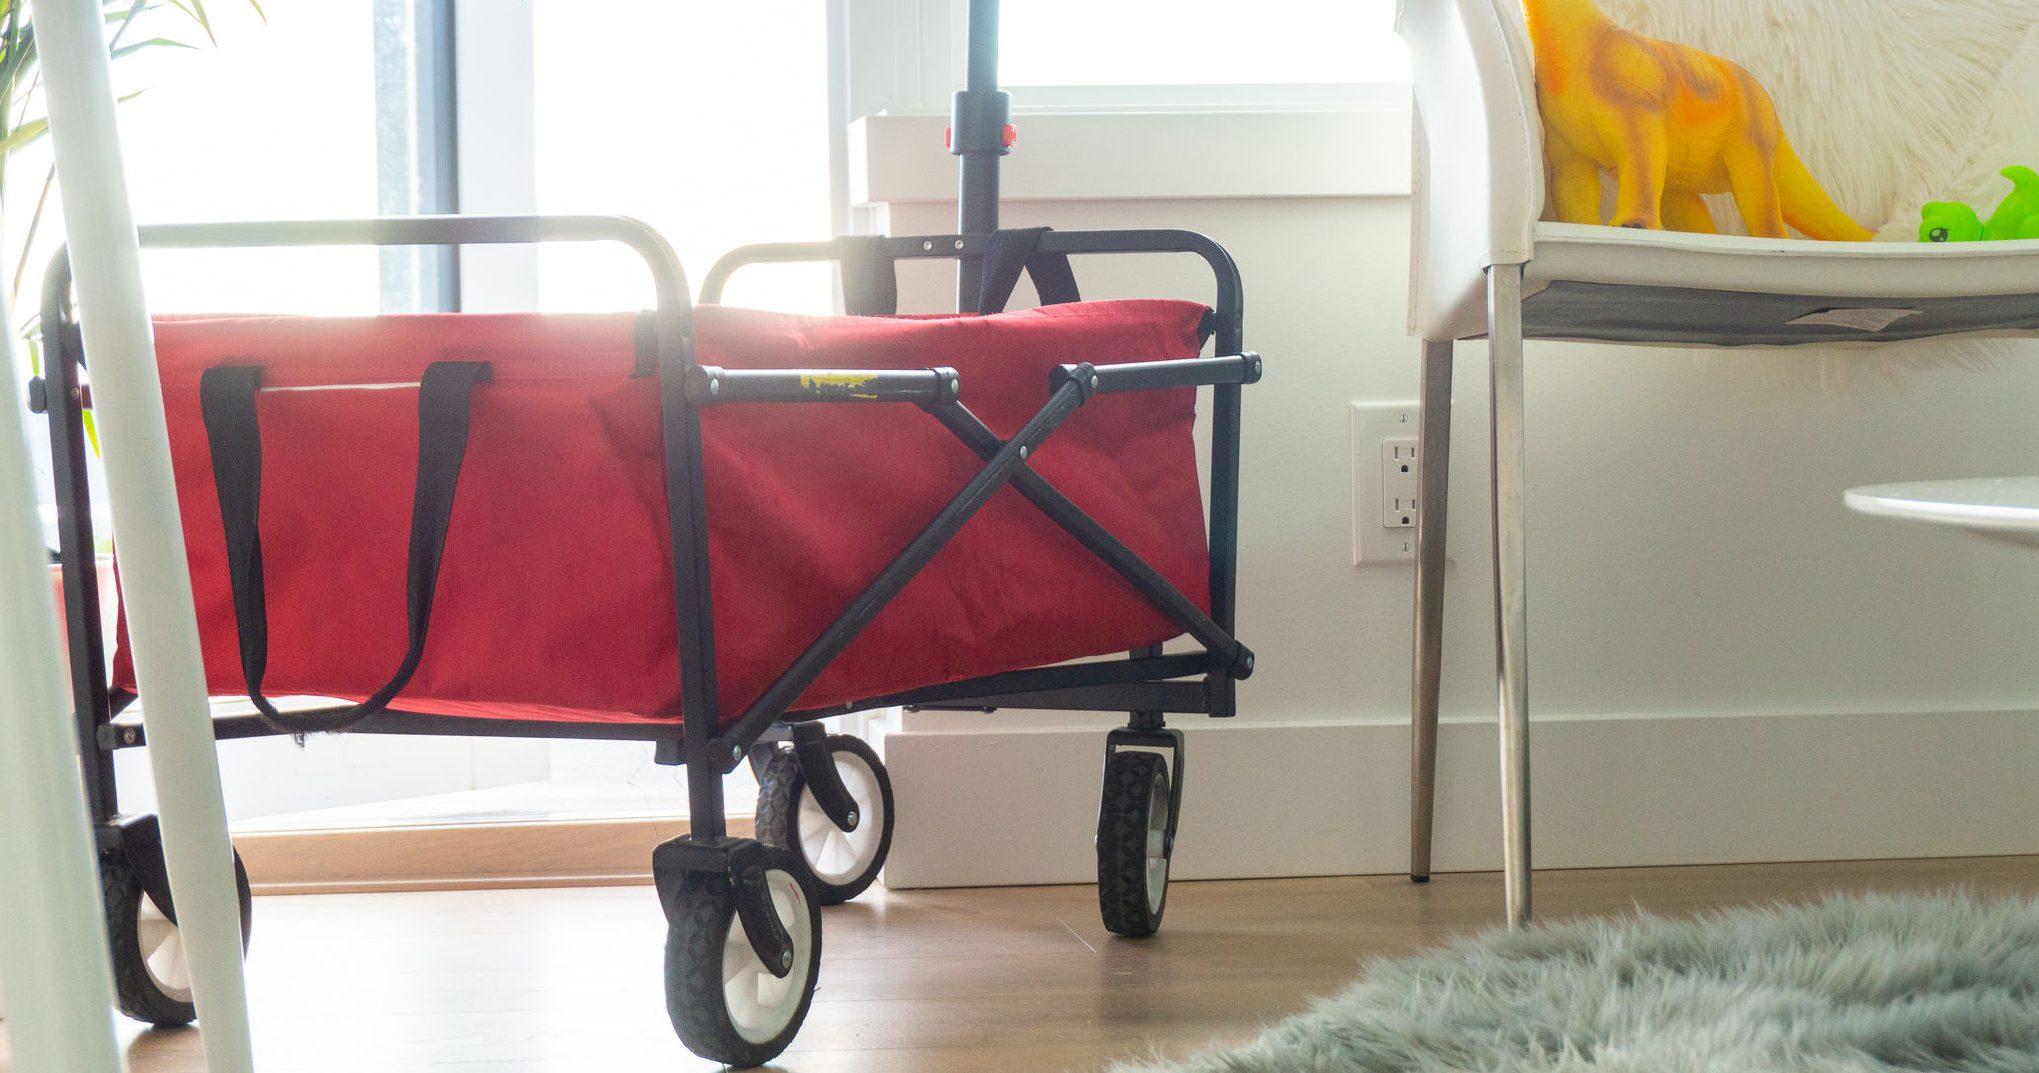 Bollerwagen mit Dach: Test & Empfehlungen (02/20)